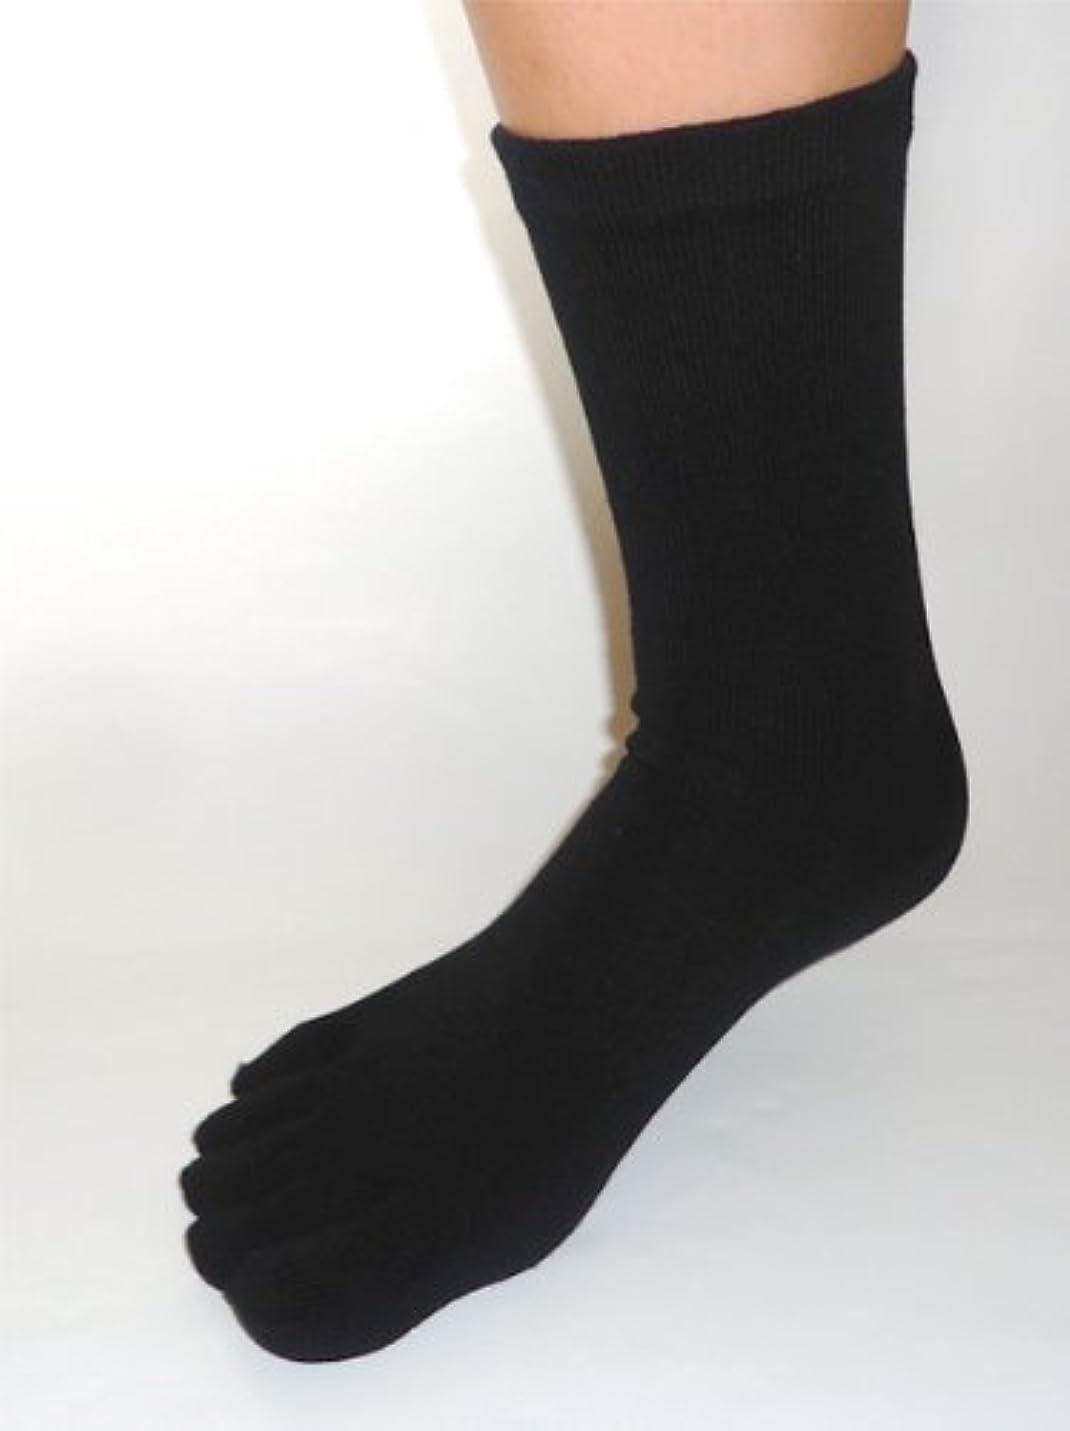 深い実質的地味な日本製 紳士5本指靴下 こだわりシルク 24~26cm お買得3色3足組